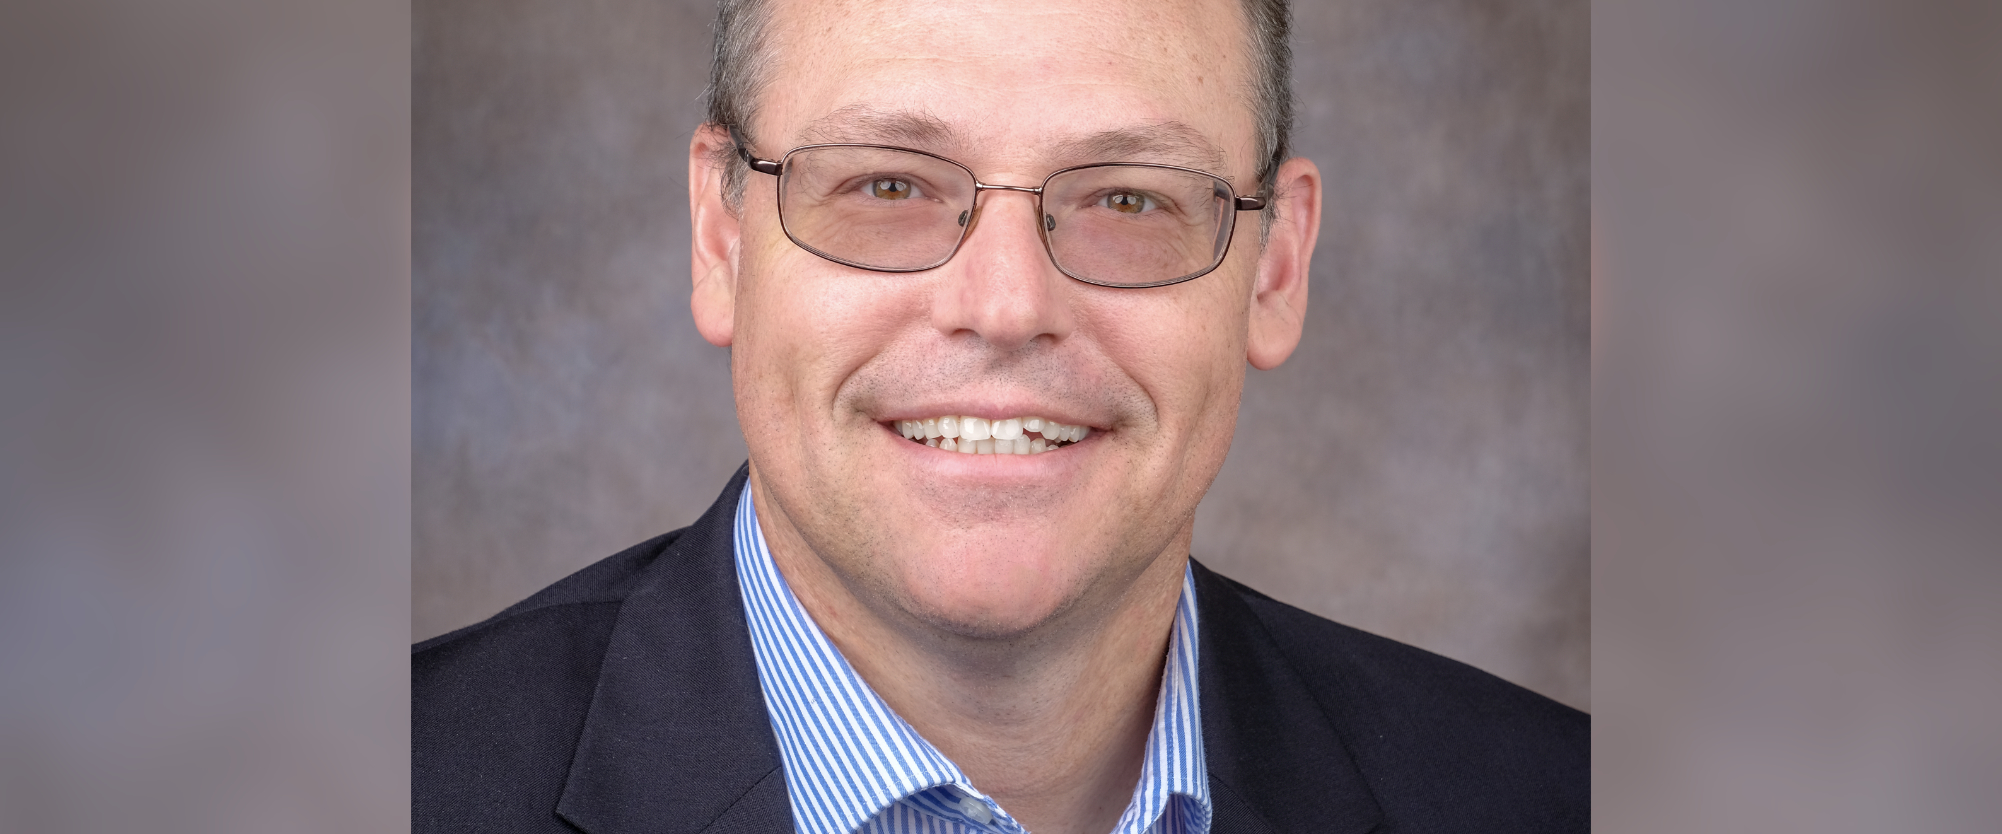 Dr. A. James Fuller